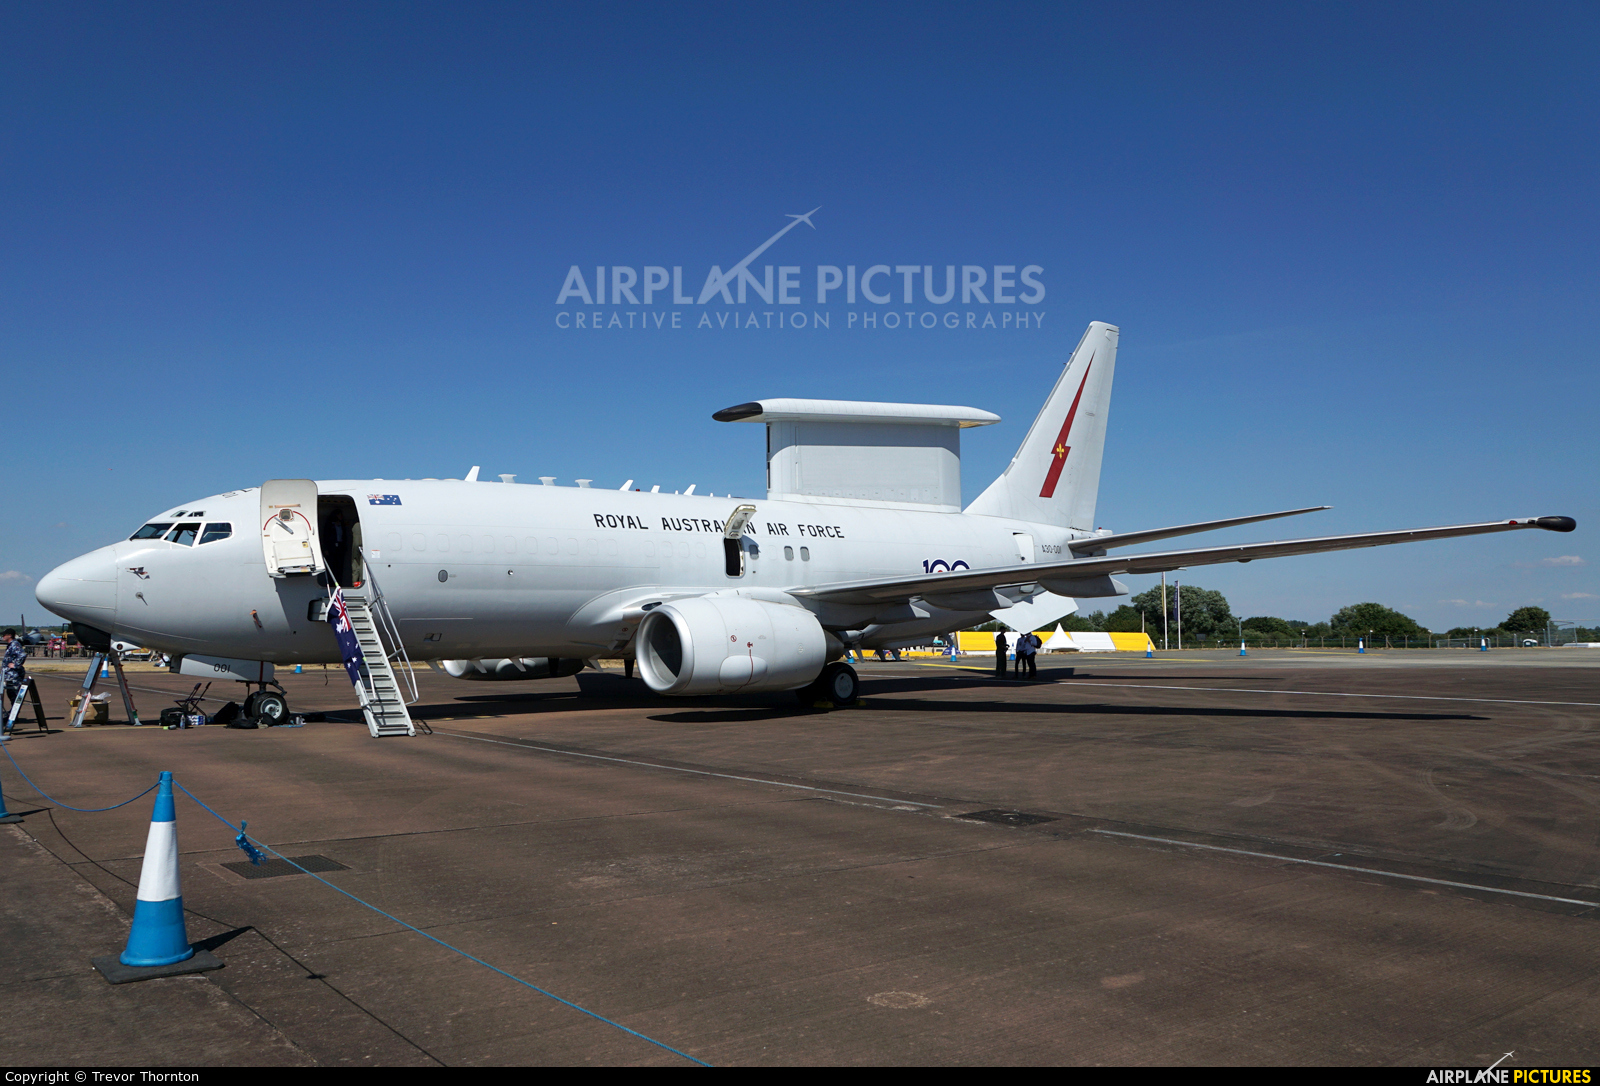 Australia - Air Force A30-001 aircraft at Fairford